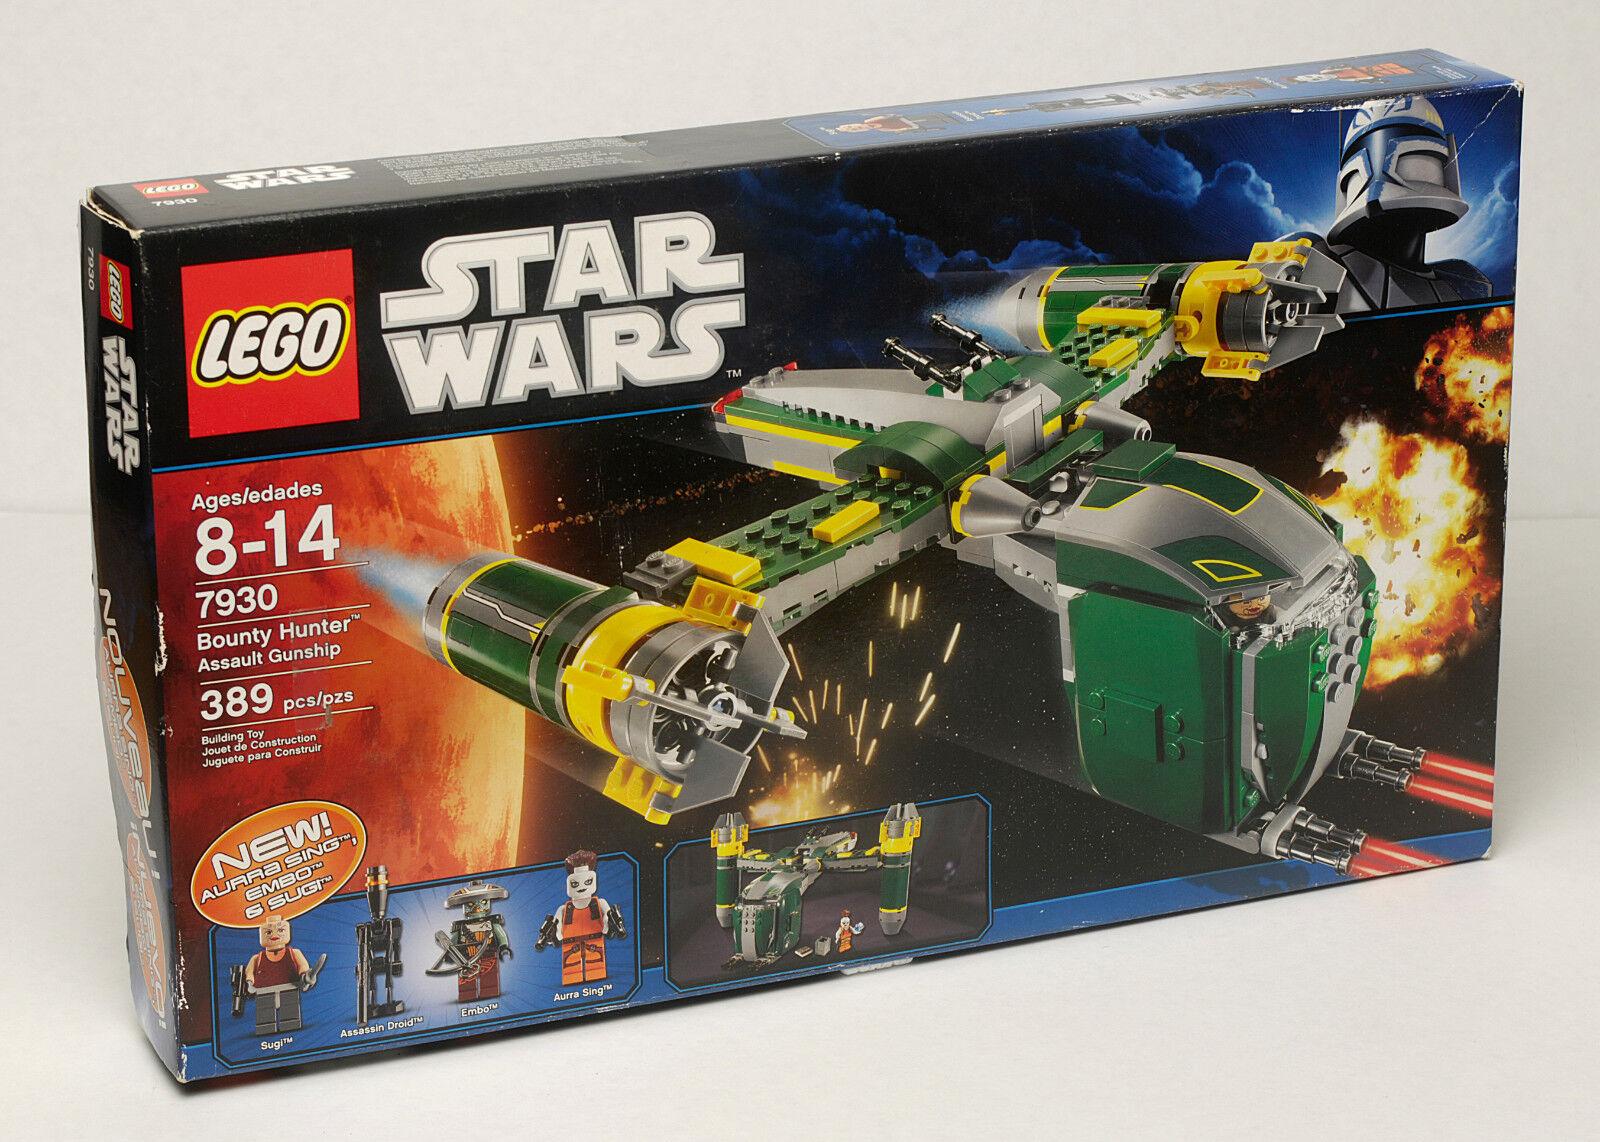 Lego Star Wars Set 7930 cañonera de asalto de cazador de recompensas Nuevo en Caja retirado